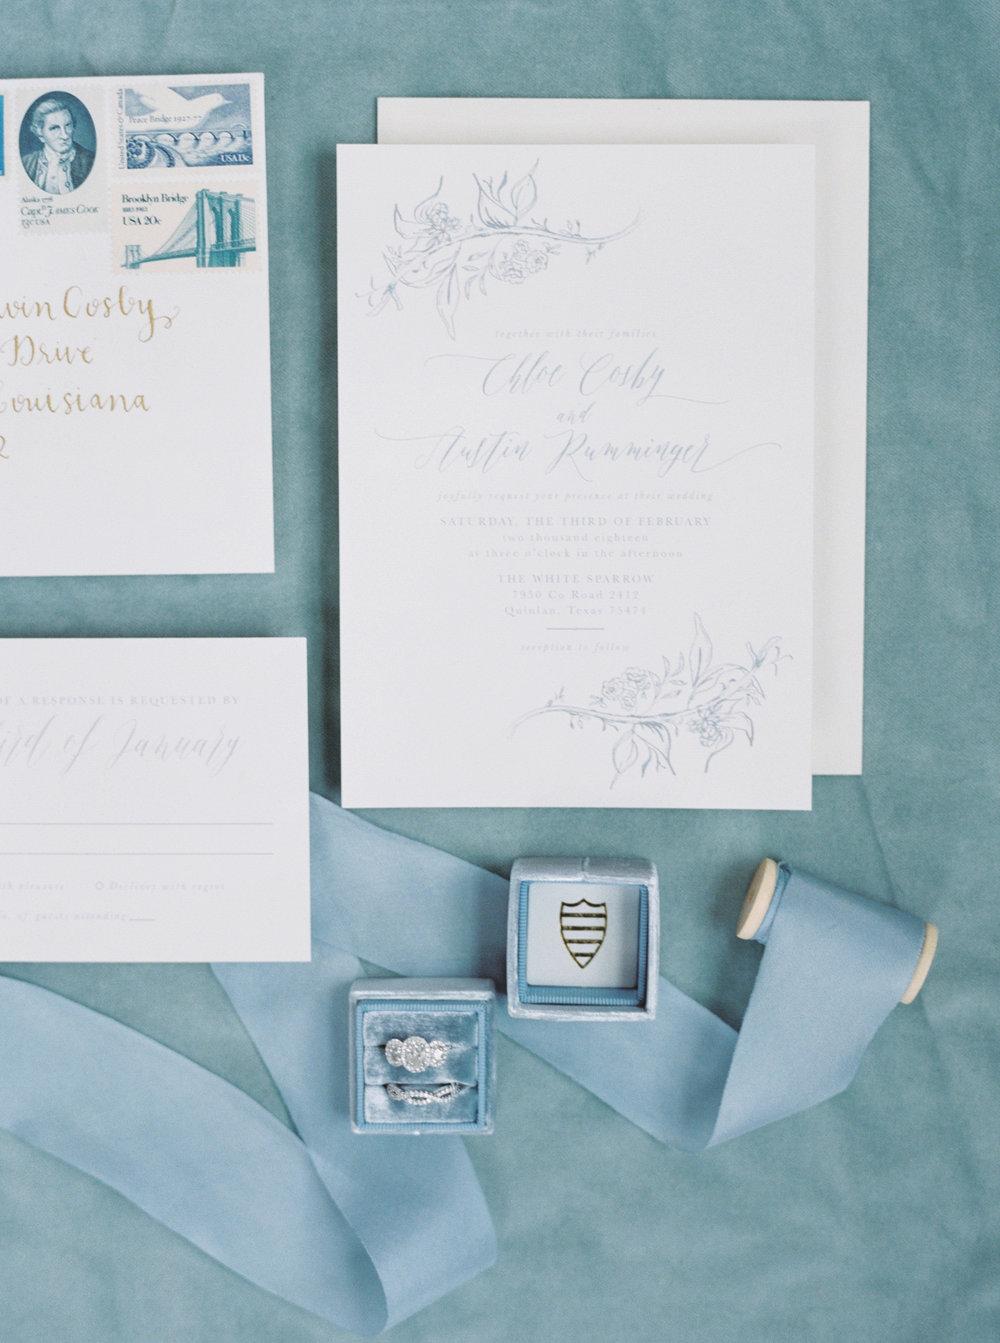 Chloe+Austin Wedding_041 copy.JPG